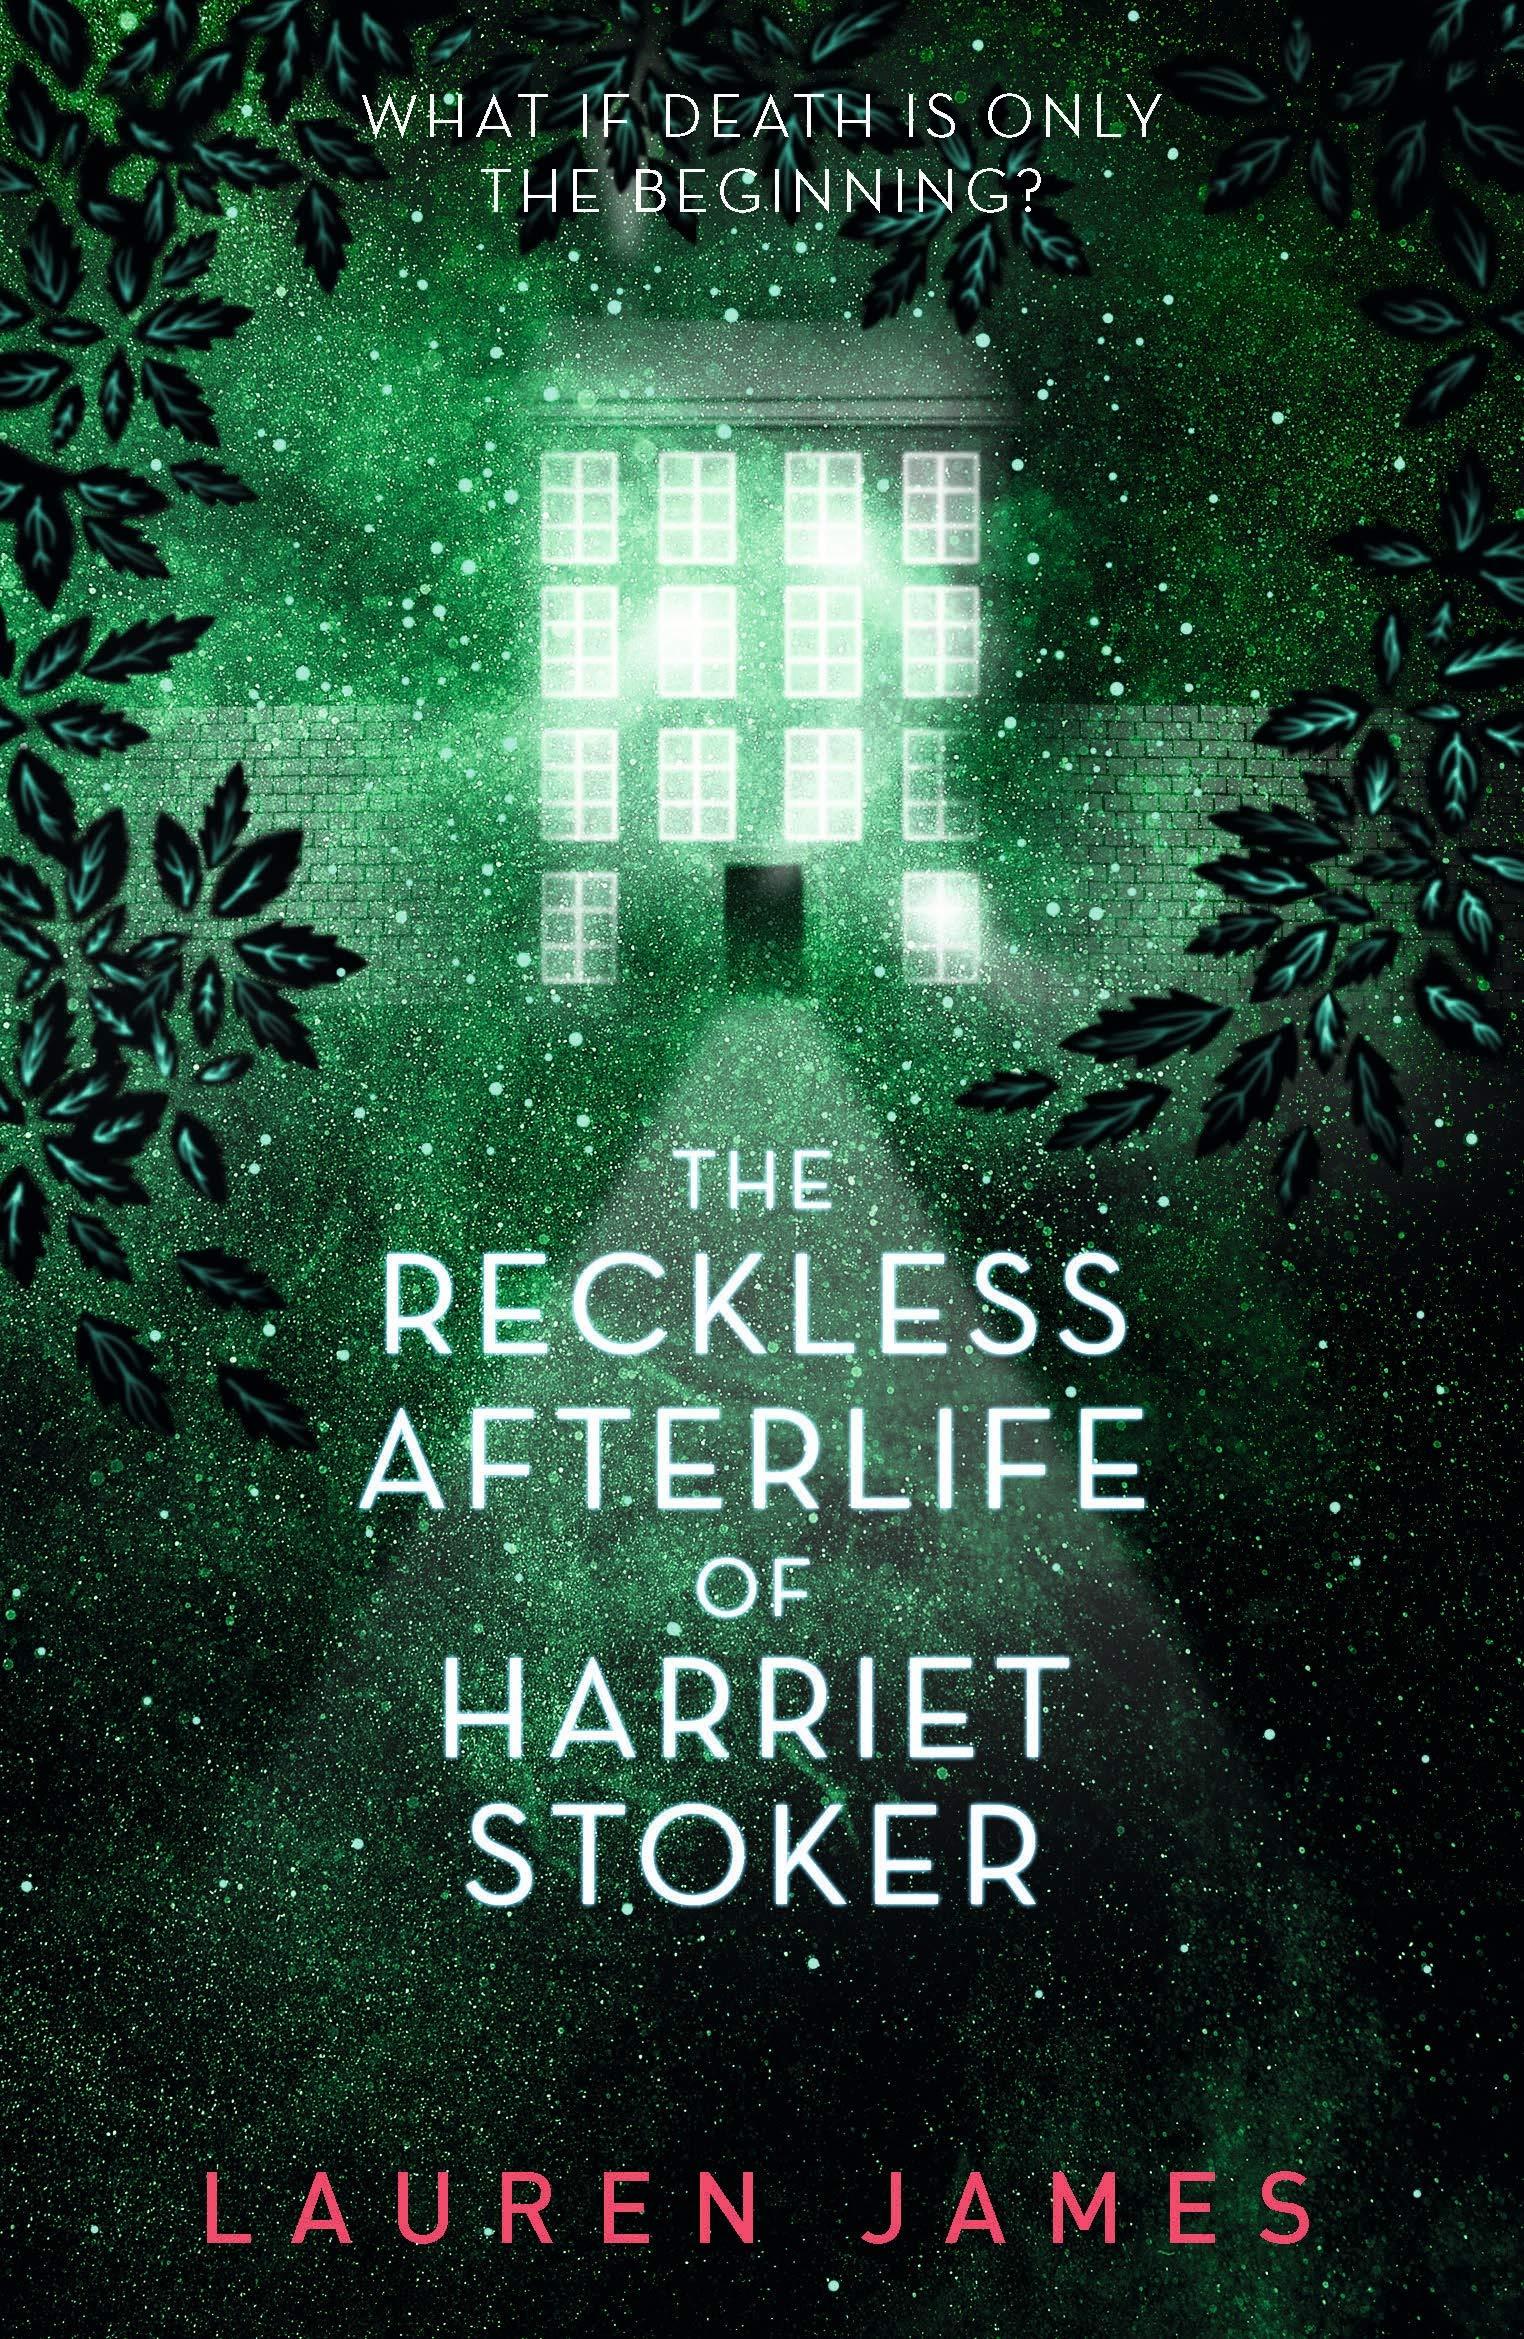 The Reckless Afterlife of Harriet Stoker: Amazon.co.uk: James, Lauren:  9781406391121: Books